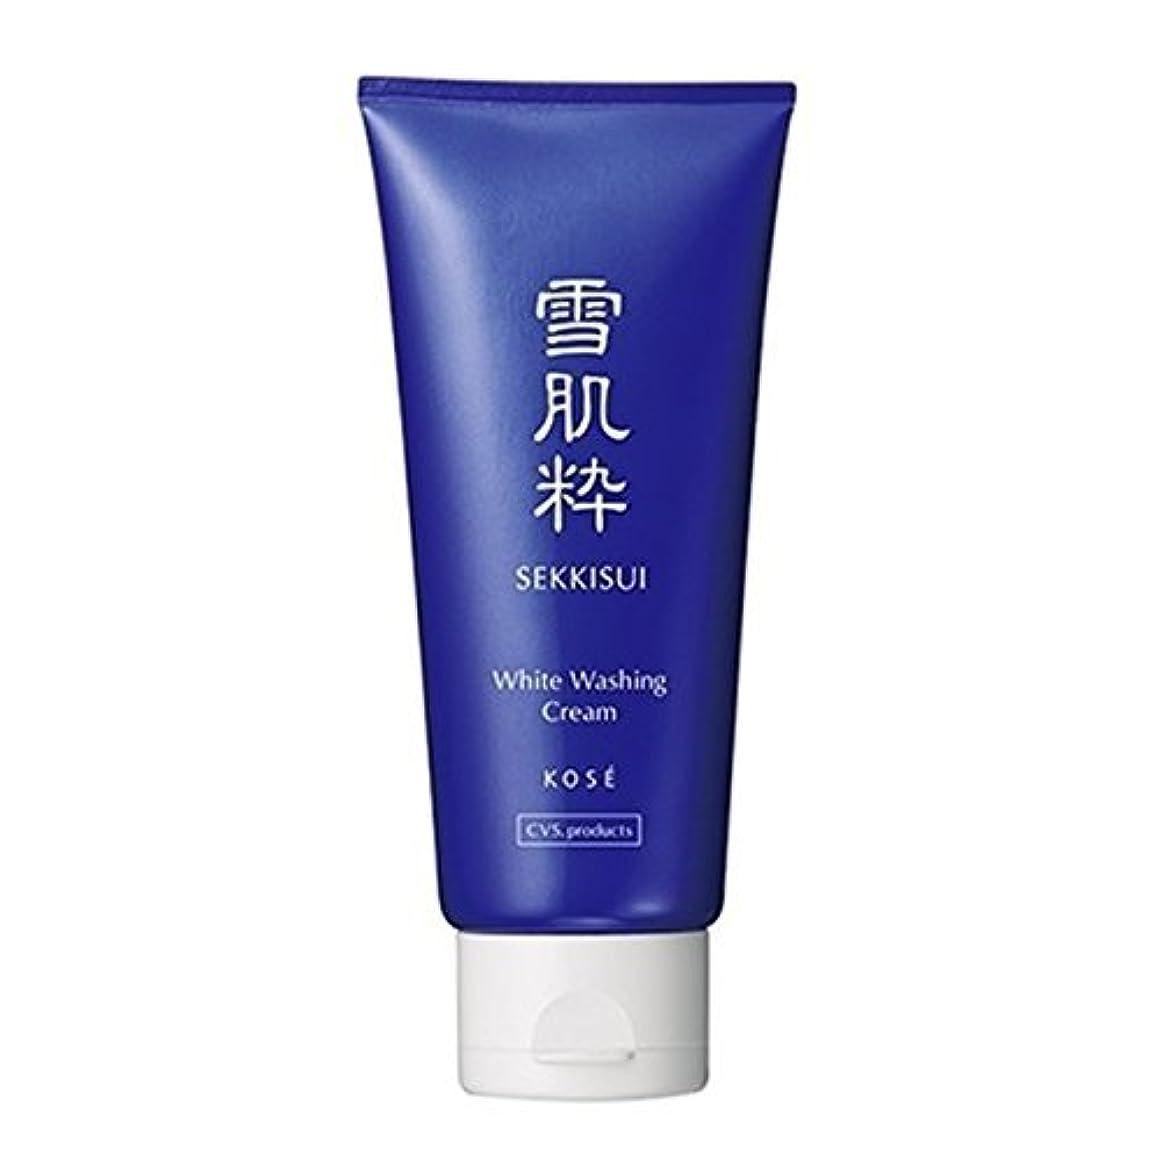 パースブラックボロウ師匠セラーコーセー 雪肌粋 ホワイト洗顔クリーム Kose Sekkisui White Washing Cream 80g×3本